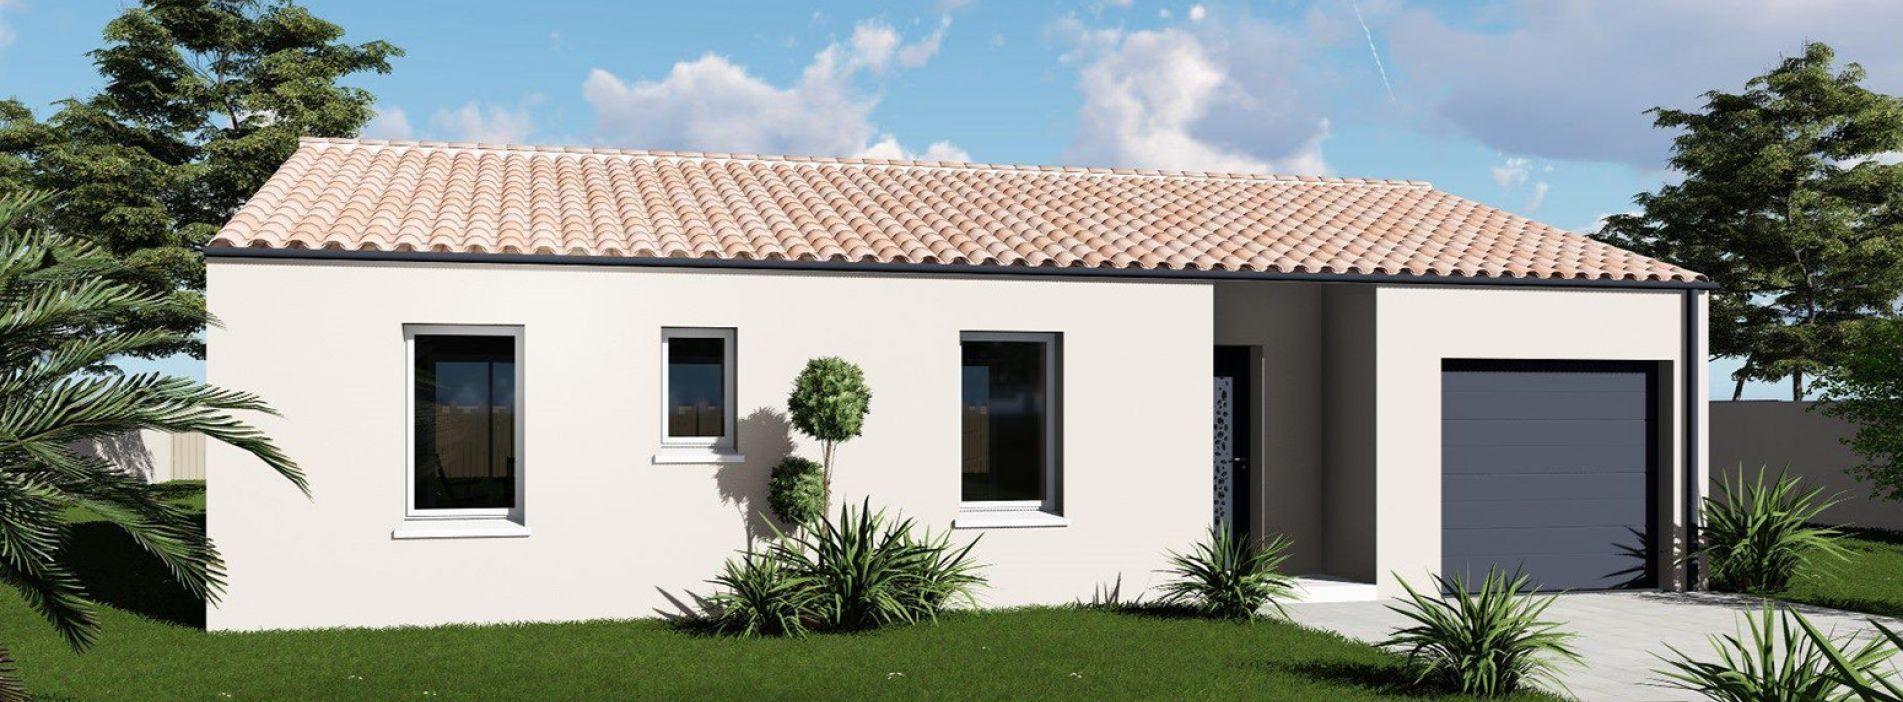 Image Maison 85.12 m² avec terrain à AUBIE-ET-ESPESSAS